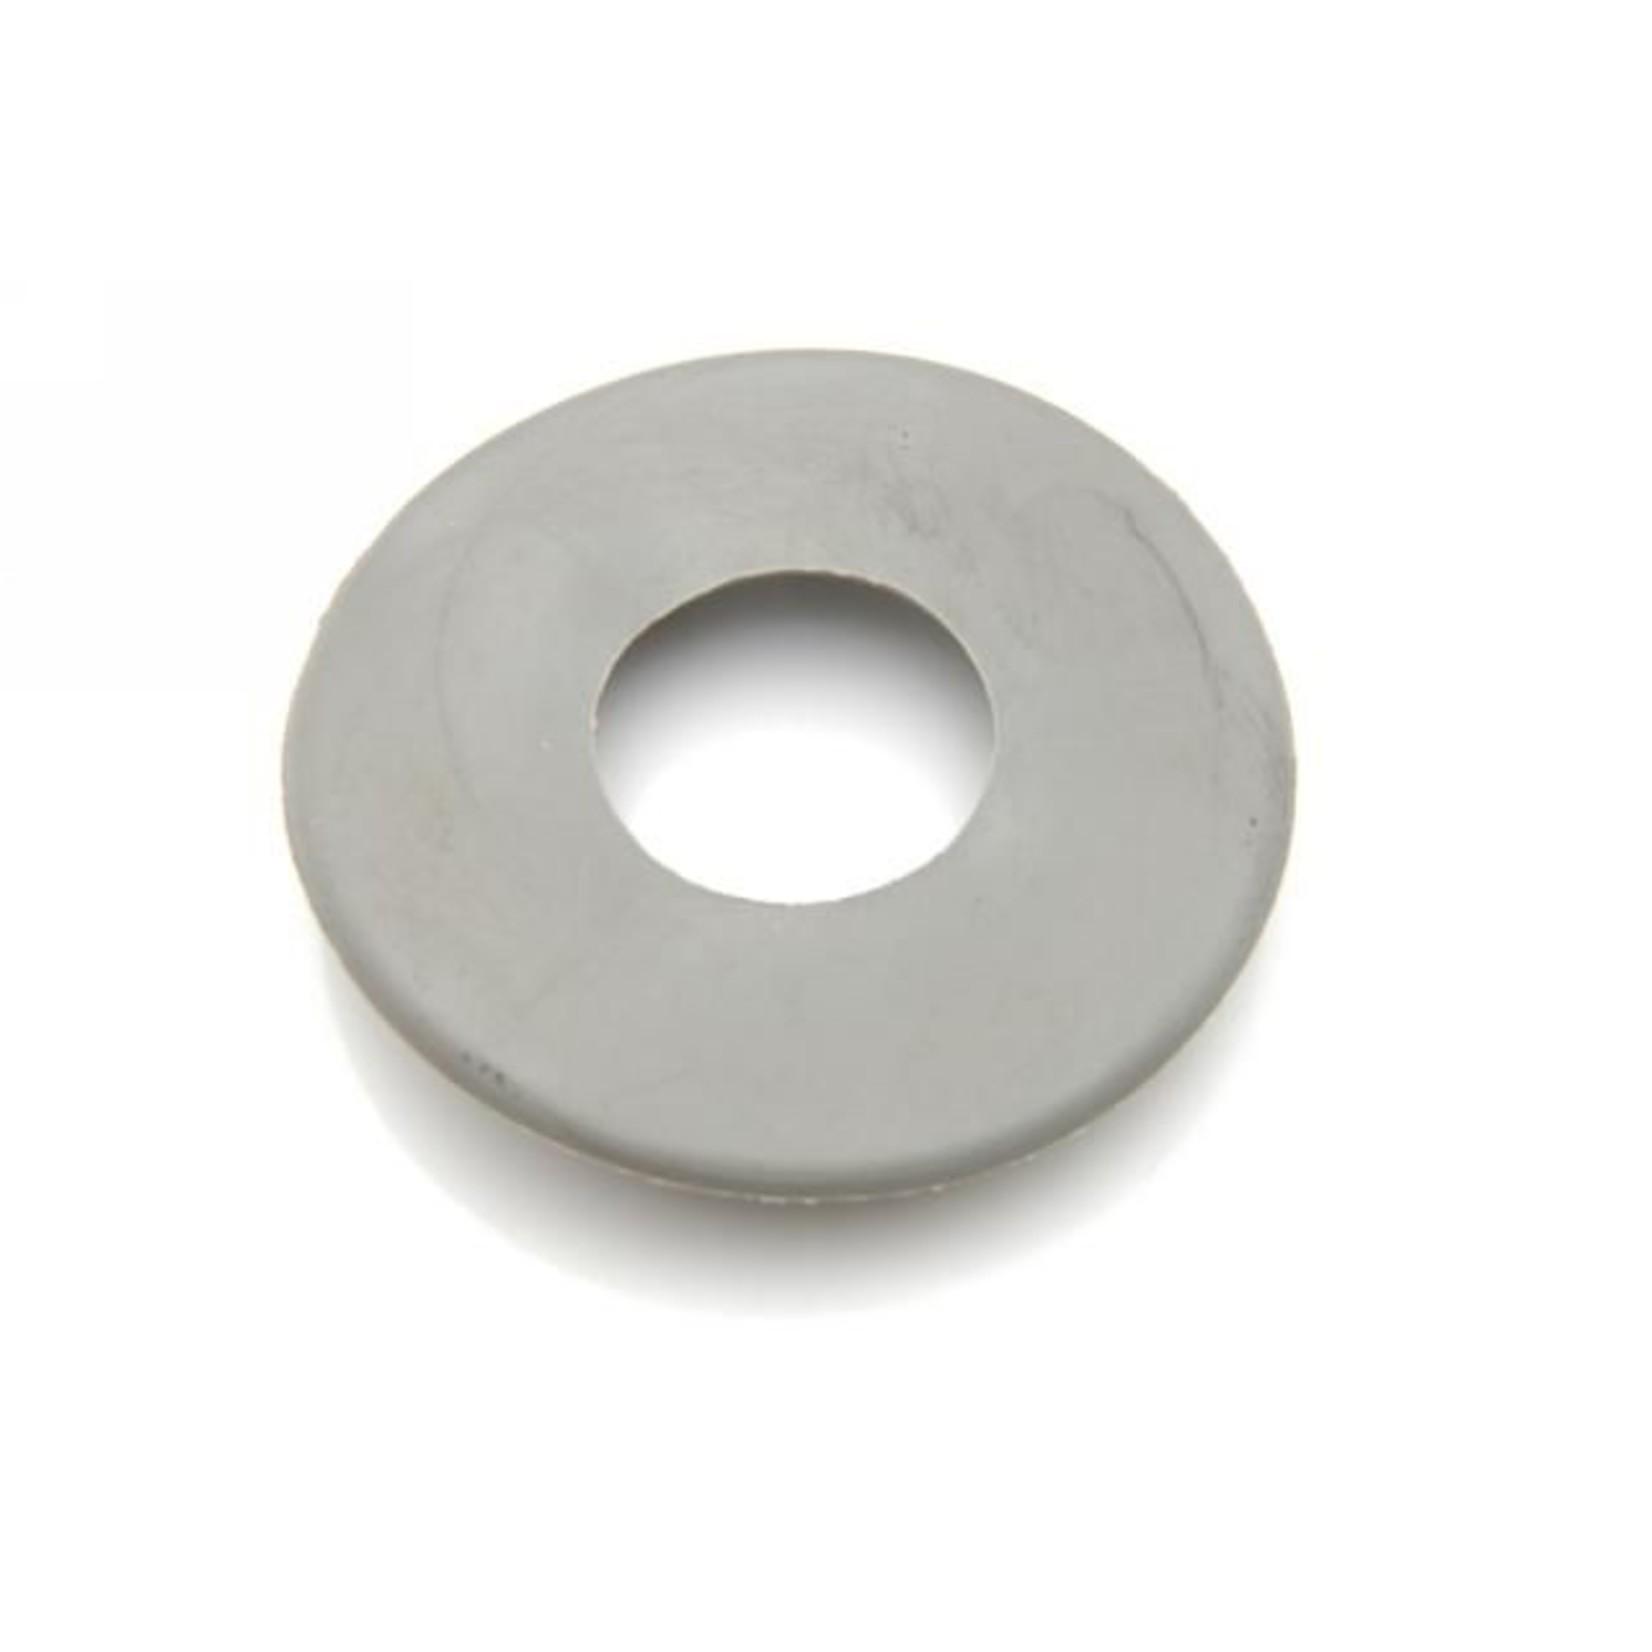 Collar de caucho de tubo llenado gris Nr Org: ZC9807107U